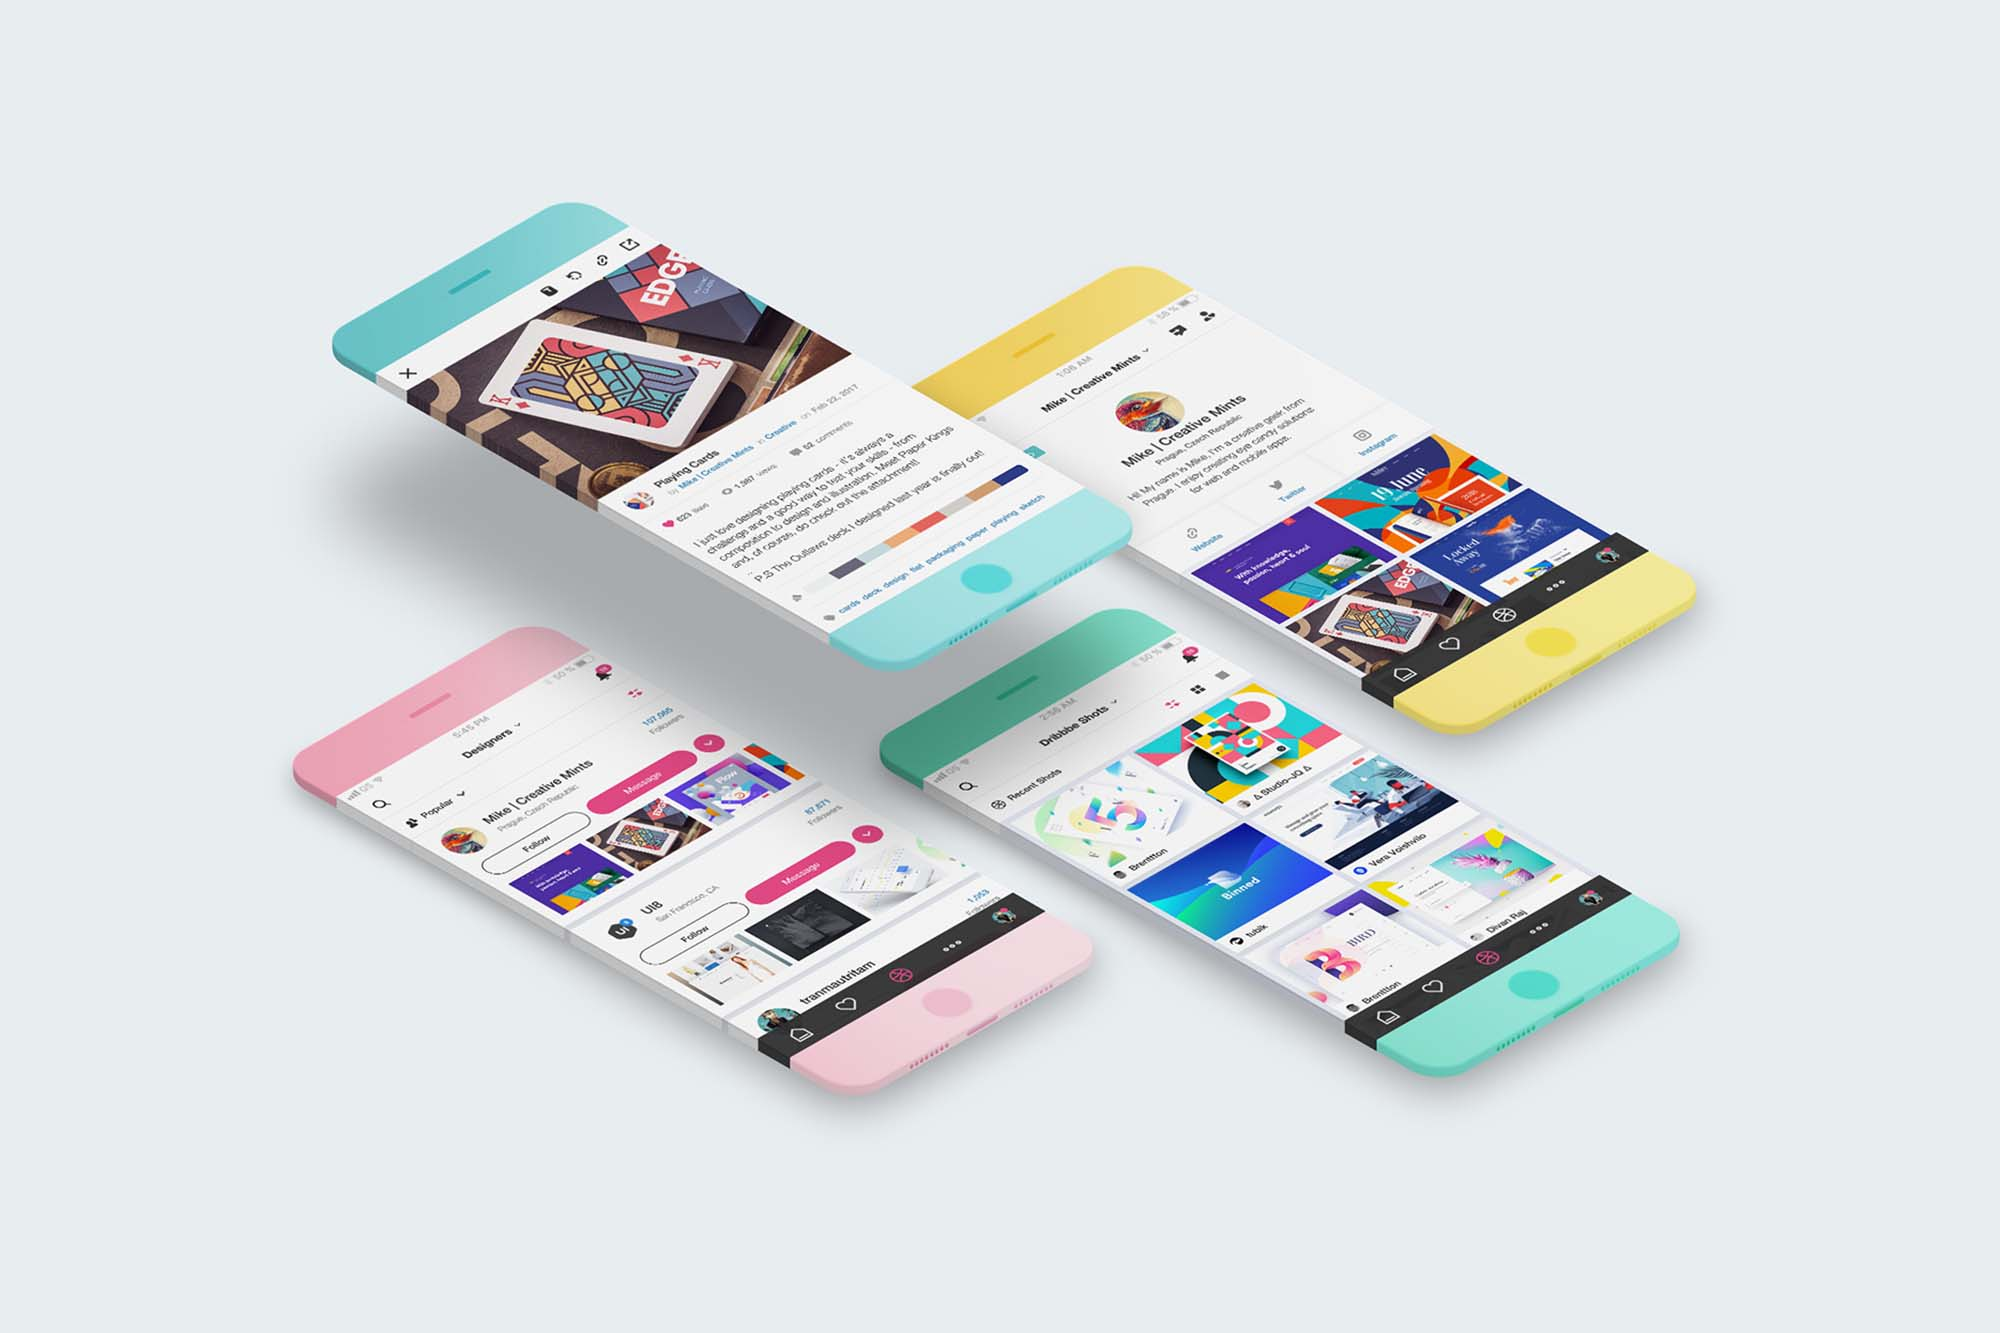 Minimalistic Phone Mockup 2